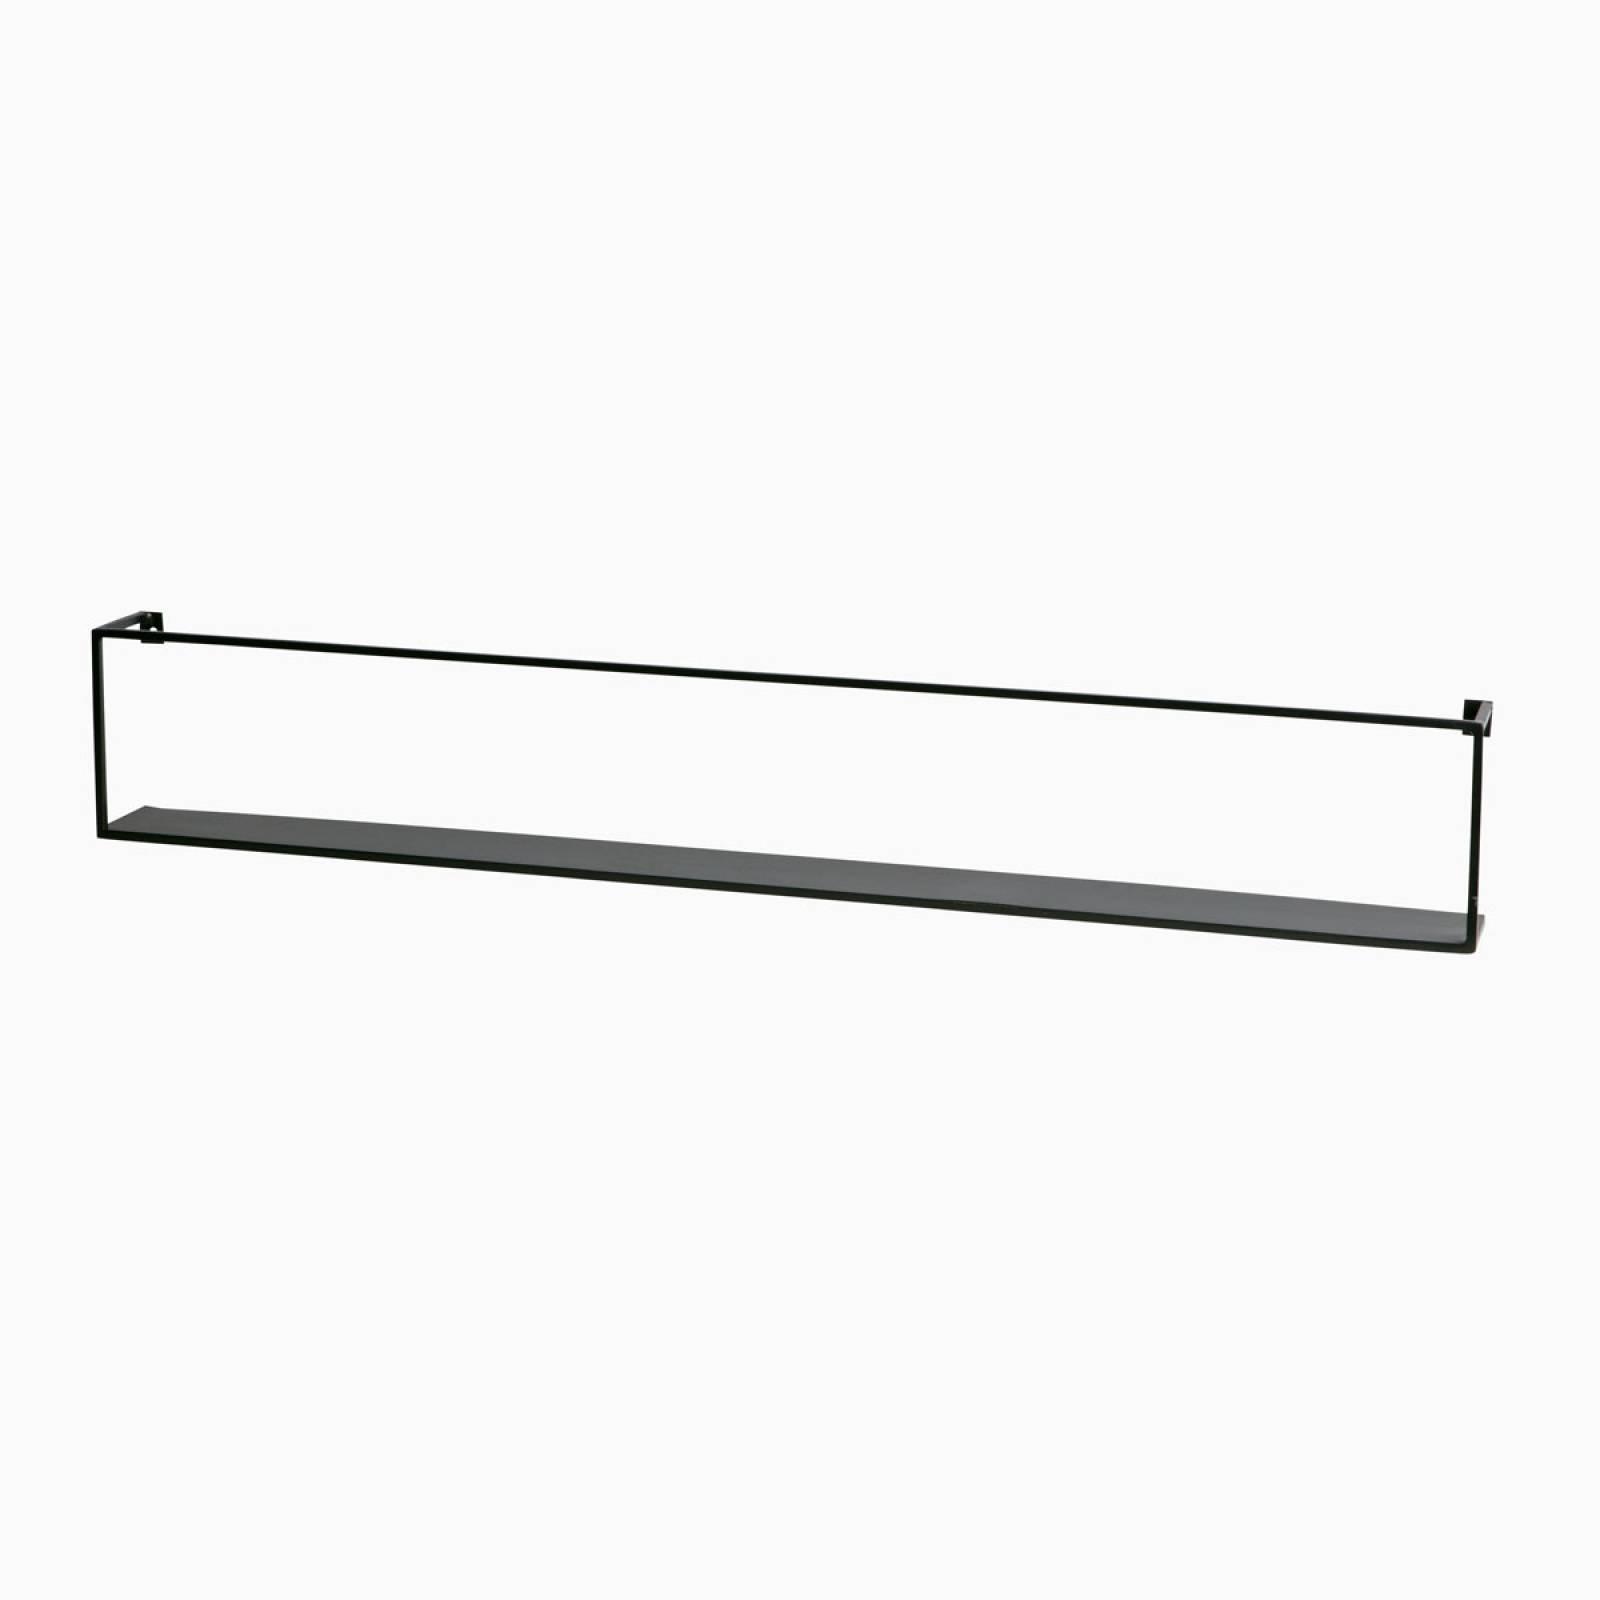 Meert Long Rectangular Wall Shelf thumbnails